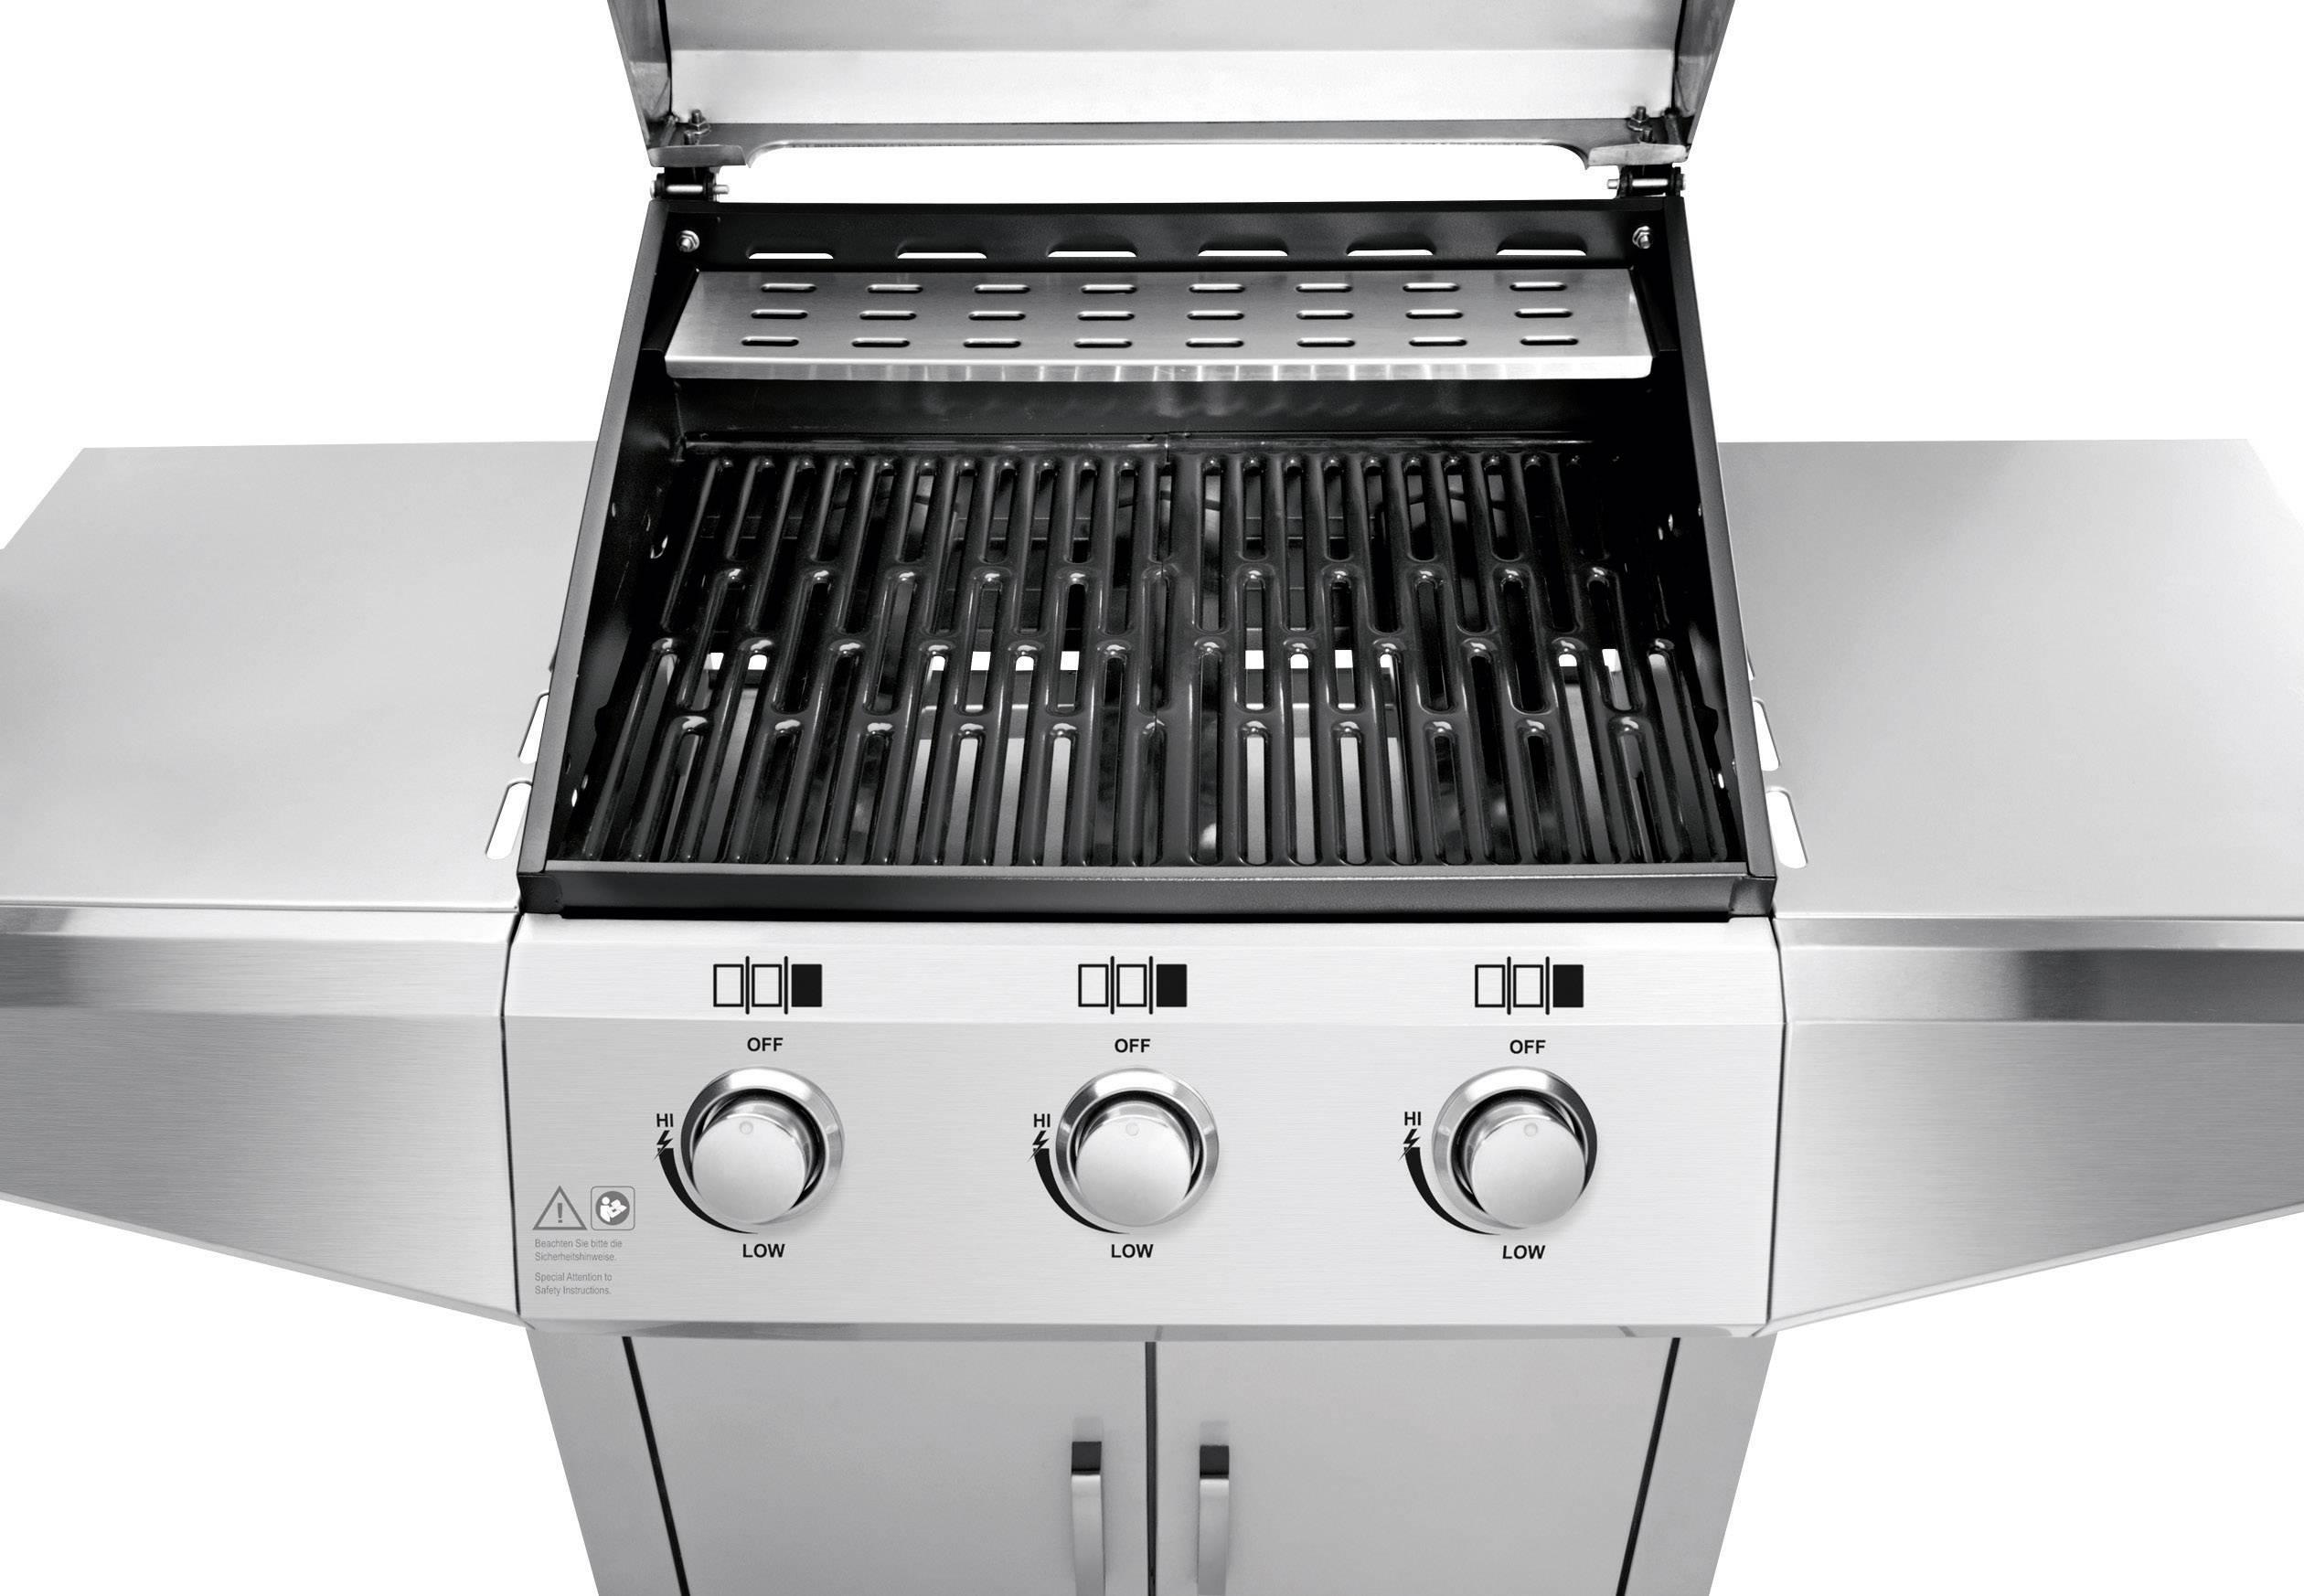 Abdeckhaube Für Gasgrill Jamie Oliver : Broil master gasgrill bbq grillwagen stahl brenner hauptbrenner